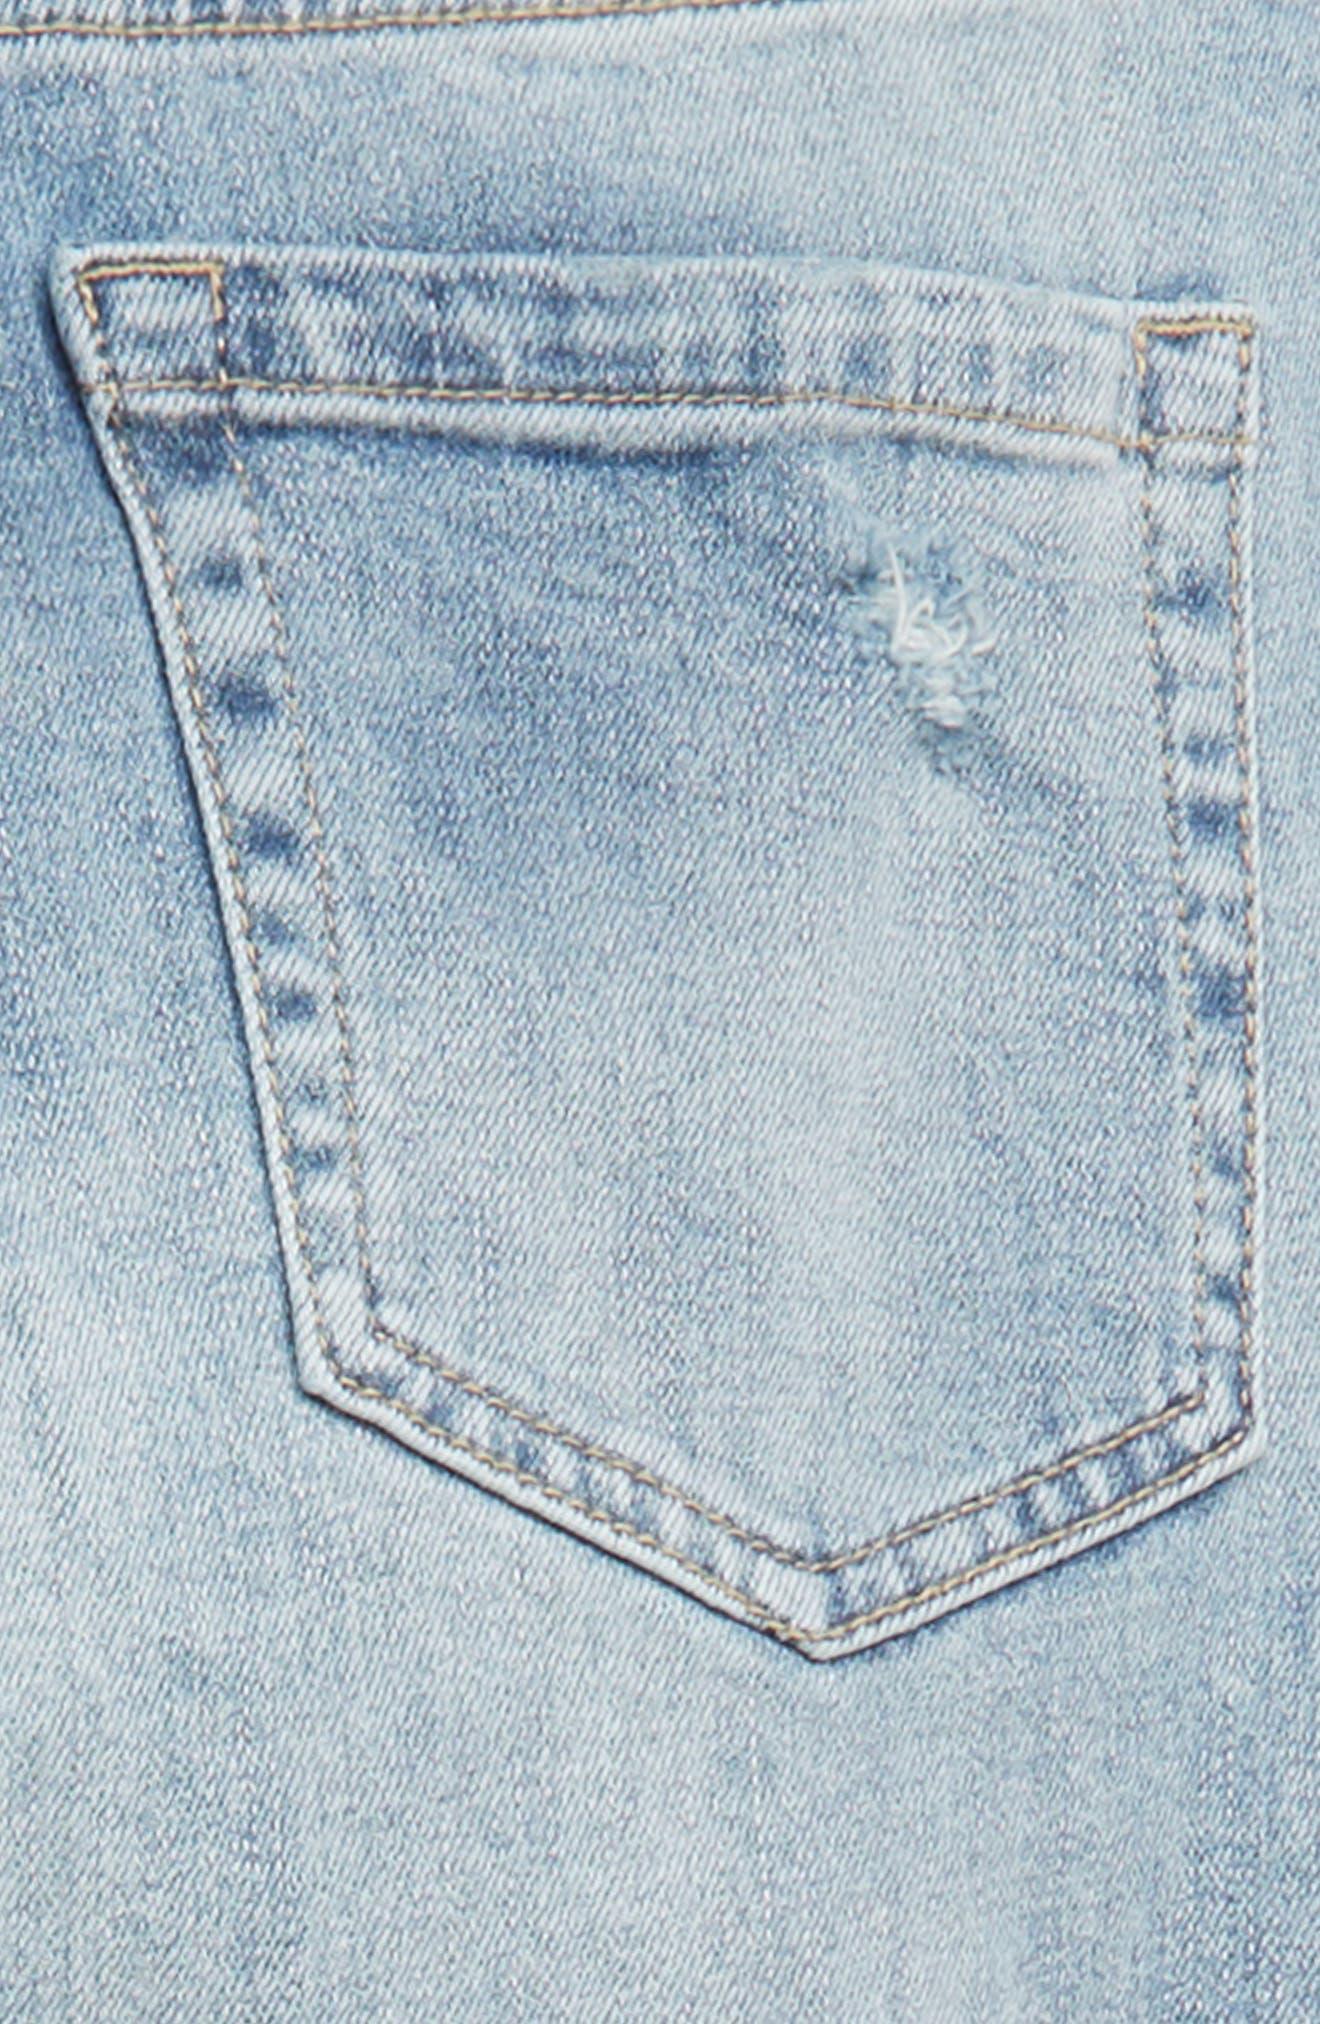 TREASURE & BOND, High Waist Distressed Skinny Jeans, Alternate thumbnail 3, color, VINTAGE LIGHT WASH